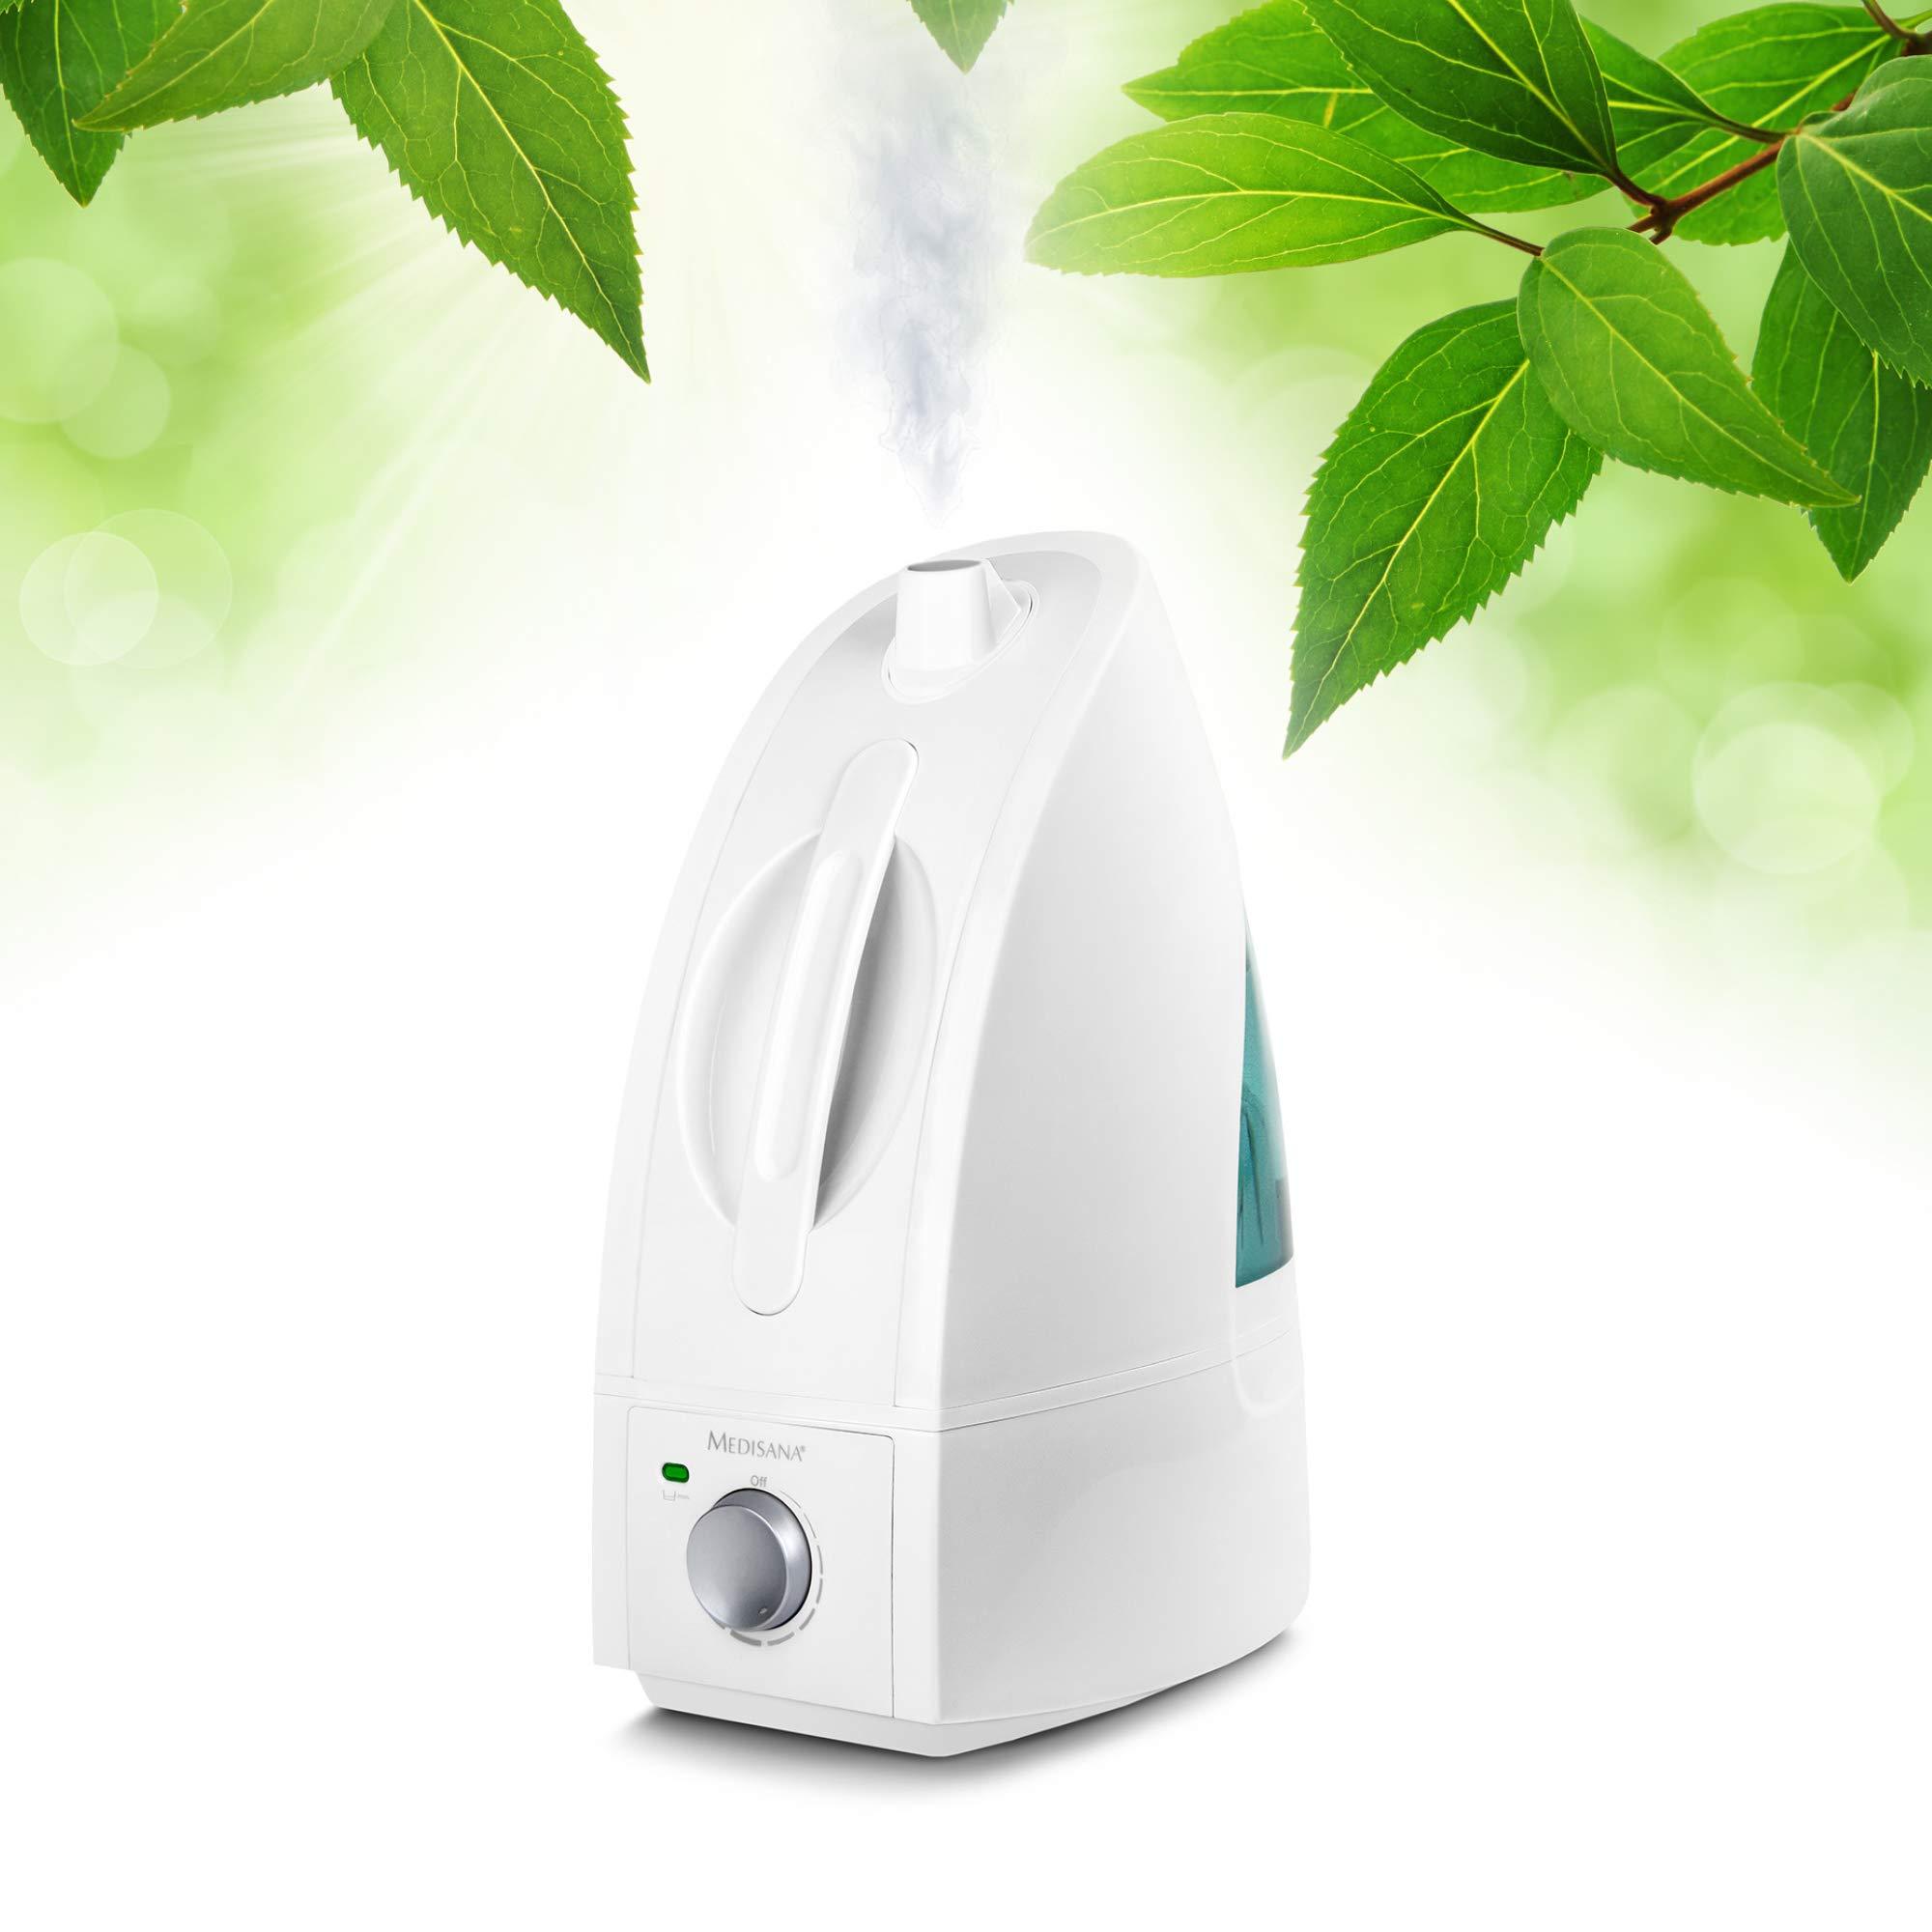 Medisana AH 660 Humidificador ultrasónico, purificador de aire para habitaciones de hasta 30m², nebulizador para dormitorios, sala de estar contra aire seco, 4,5 litros: Amazon.es: Hogar